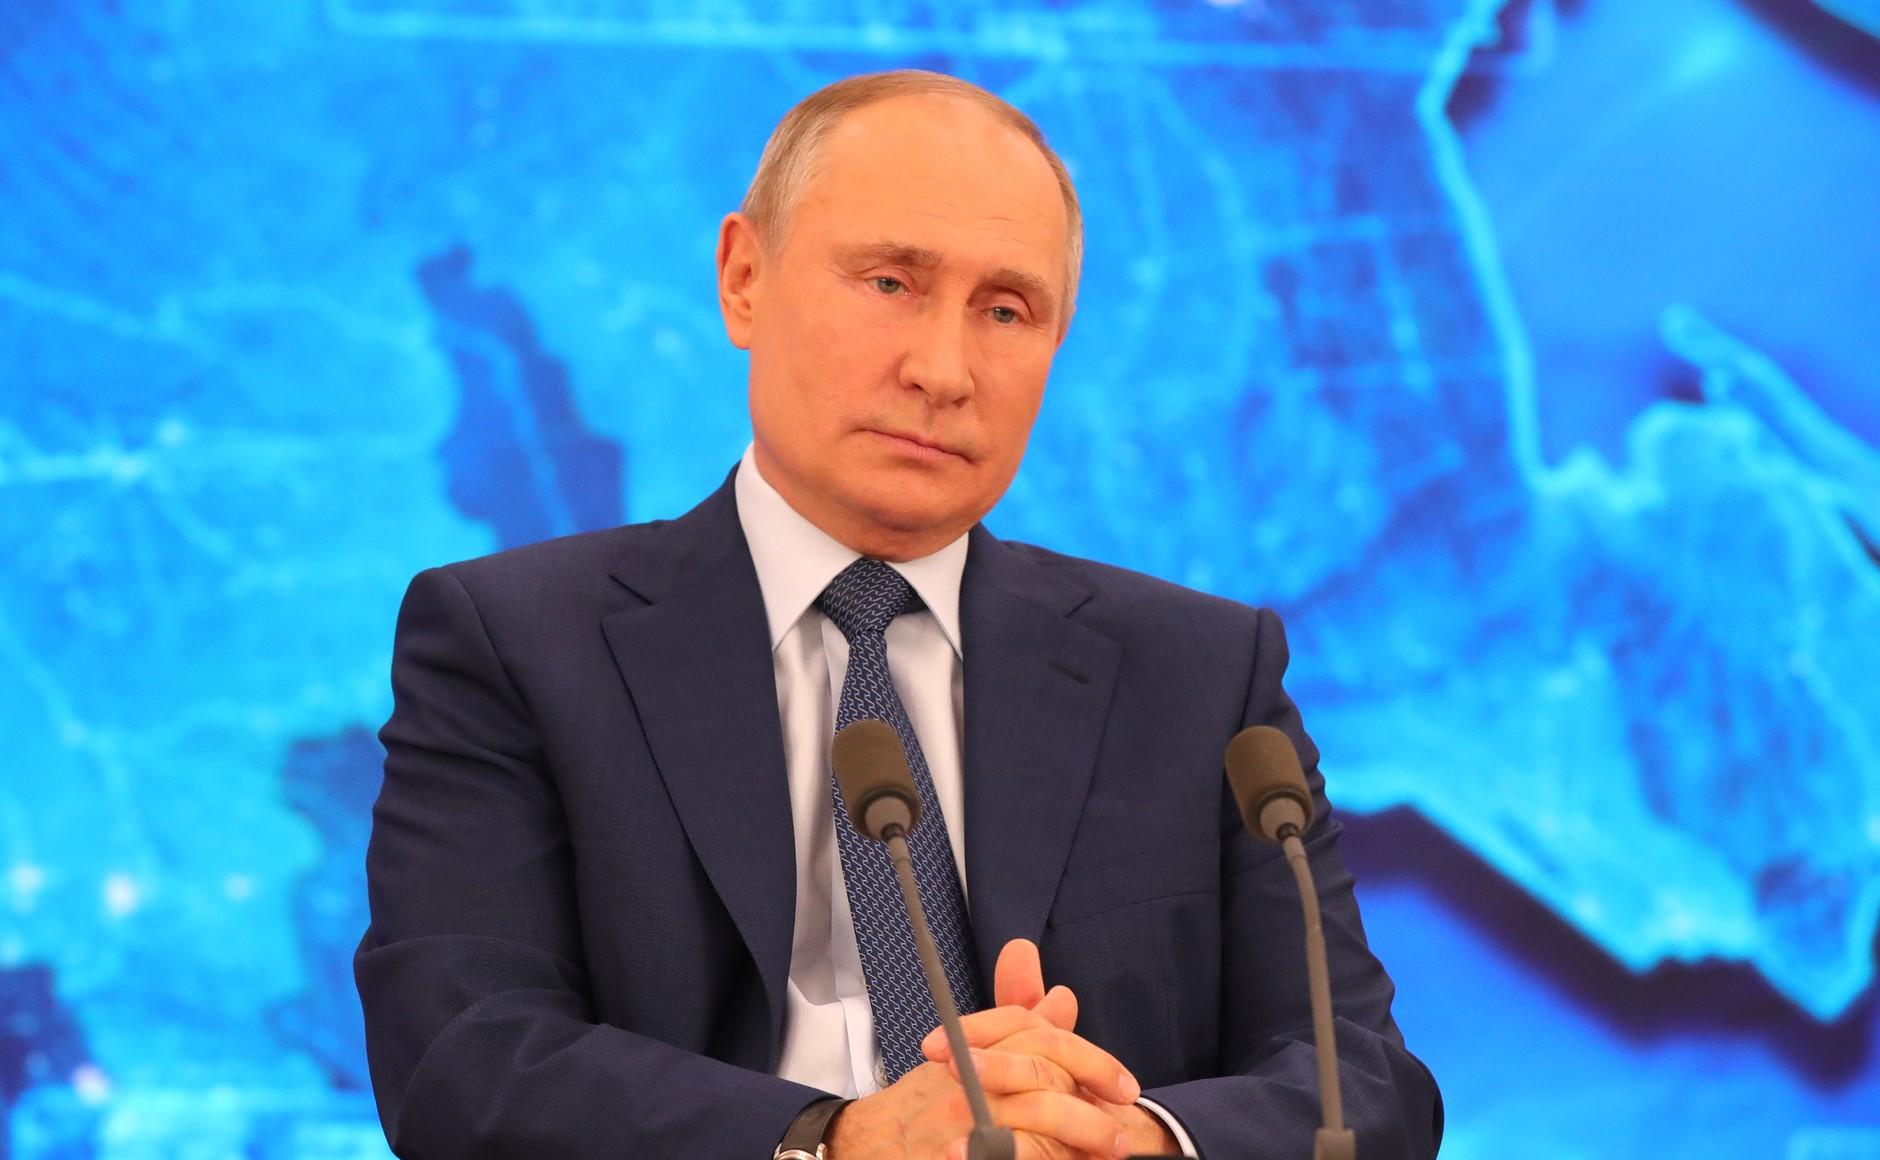 RUSSIE 17.12.2020.CONFERENCE 23 XX 66 Avant le début de la conférence de presse annuelle de Vladimir Poutine.